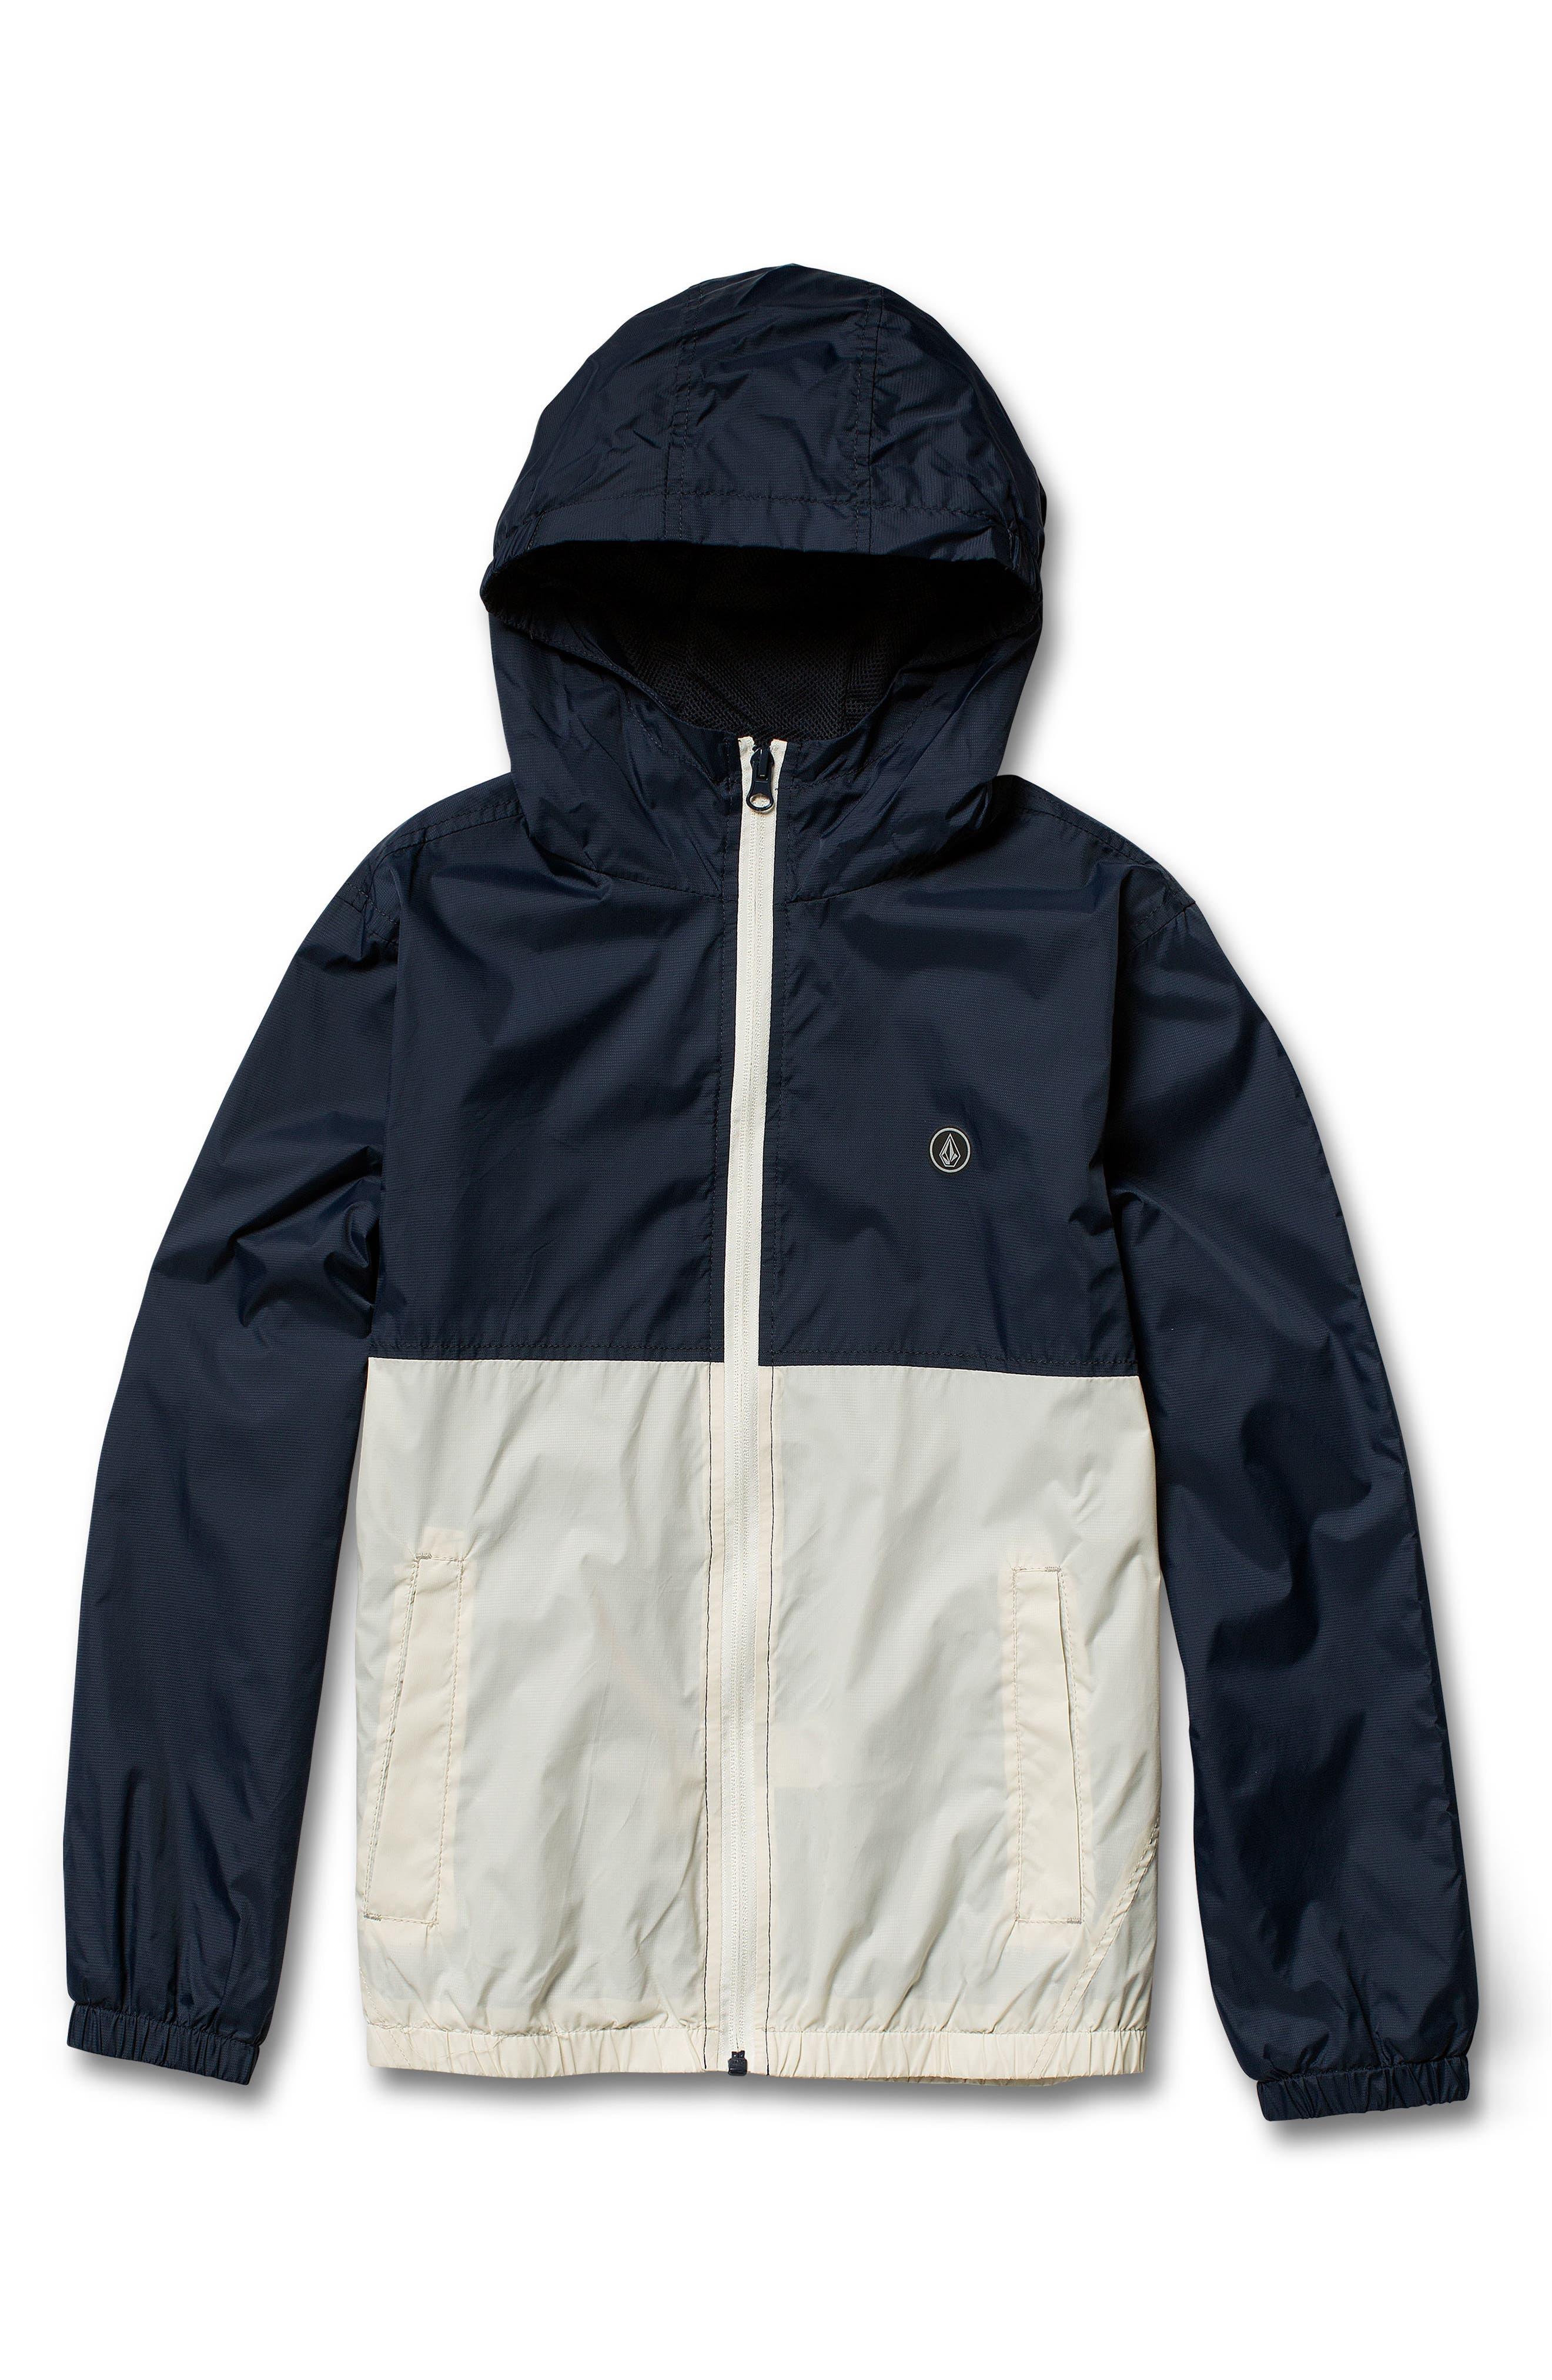 Ermont Hooded Nylon Jacket,                         Main,                         color, MELINDIGO